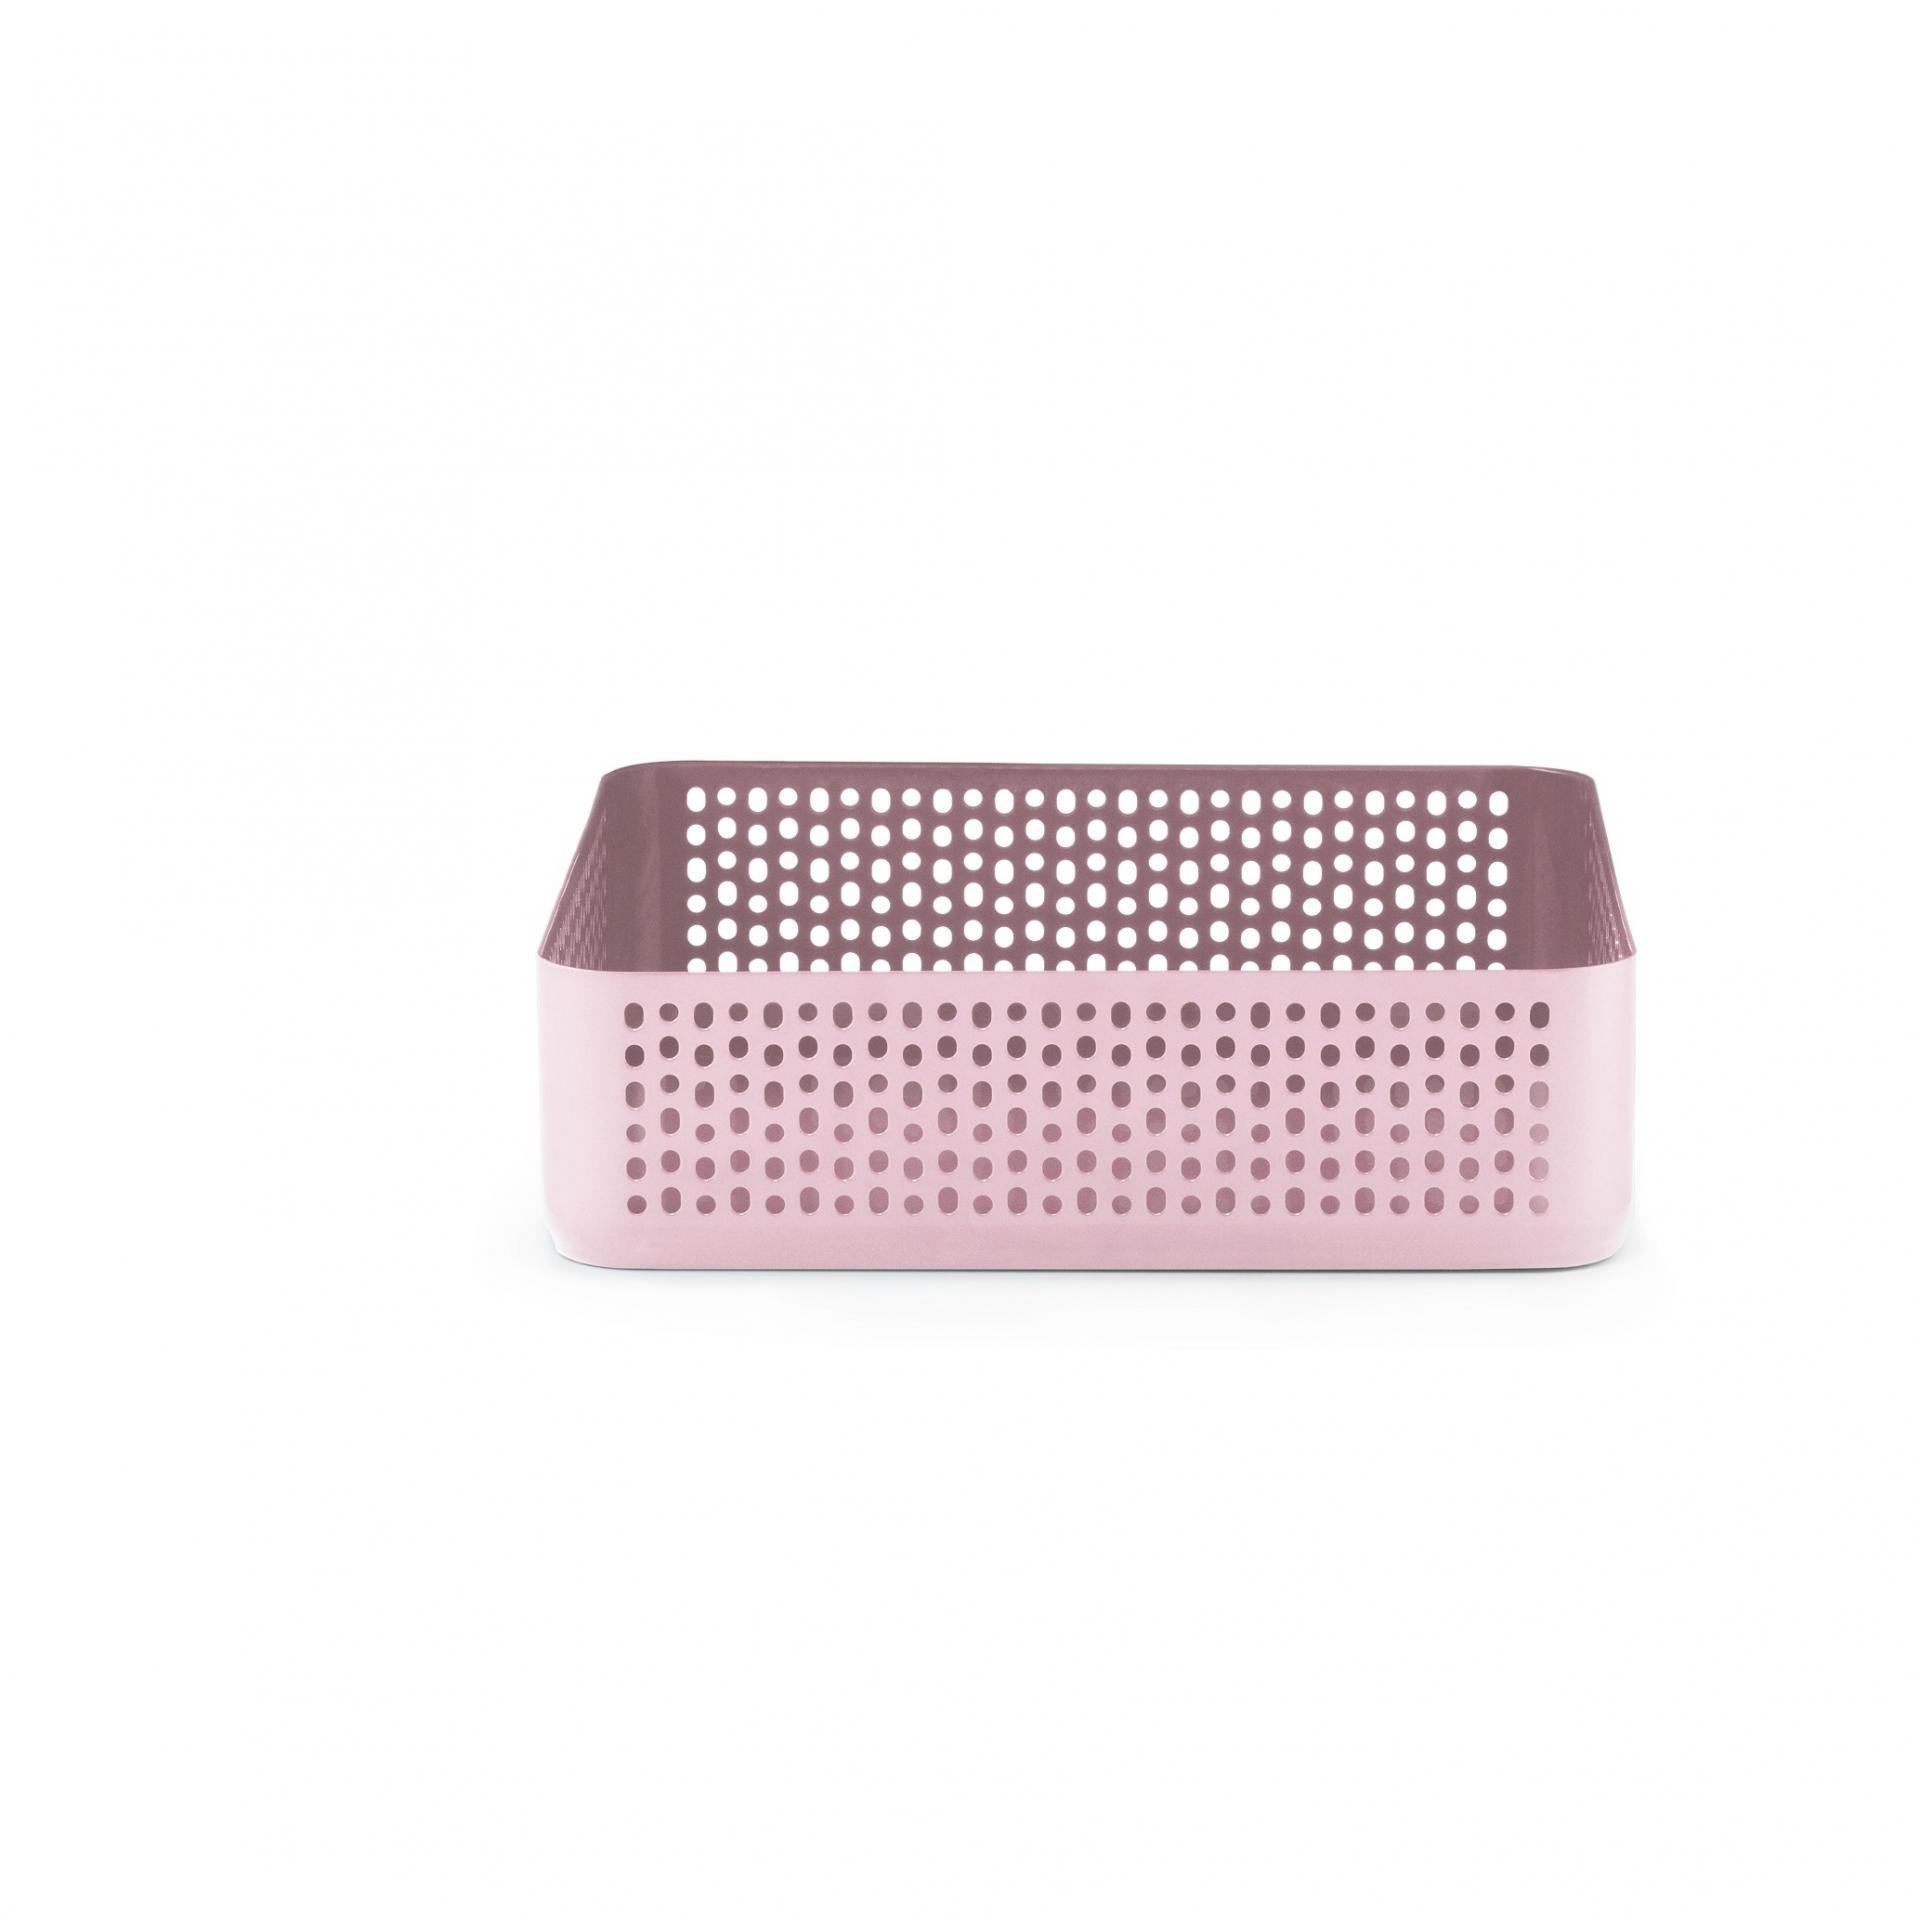 normann COPENHAGEN Kovový podnos/organizér Nic Nac Pink Square, růžová barva, kov